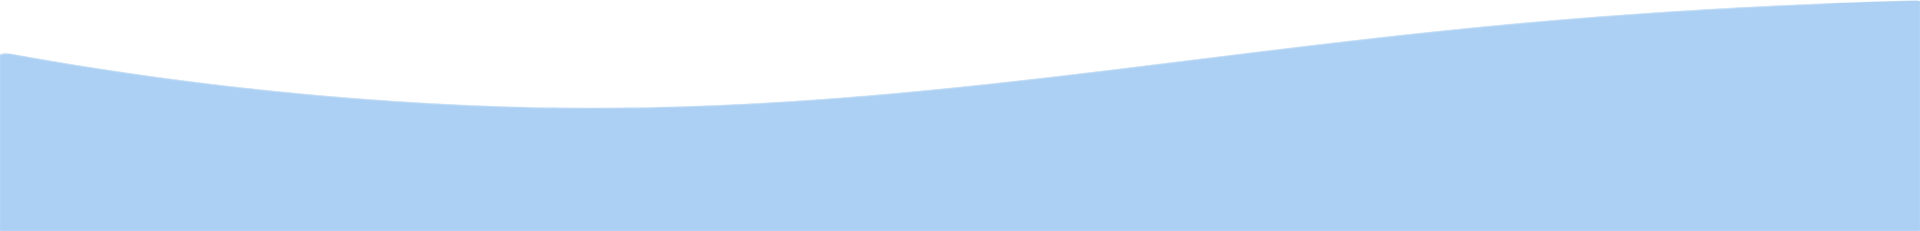 Belfort divider v3